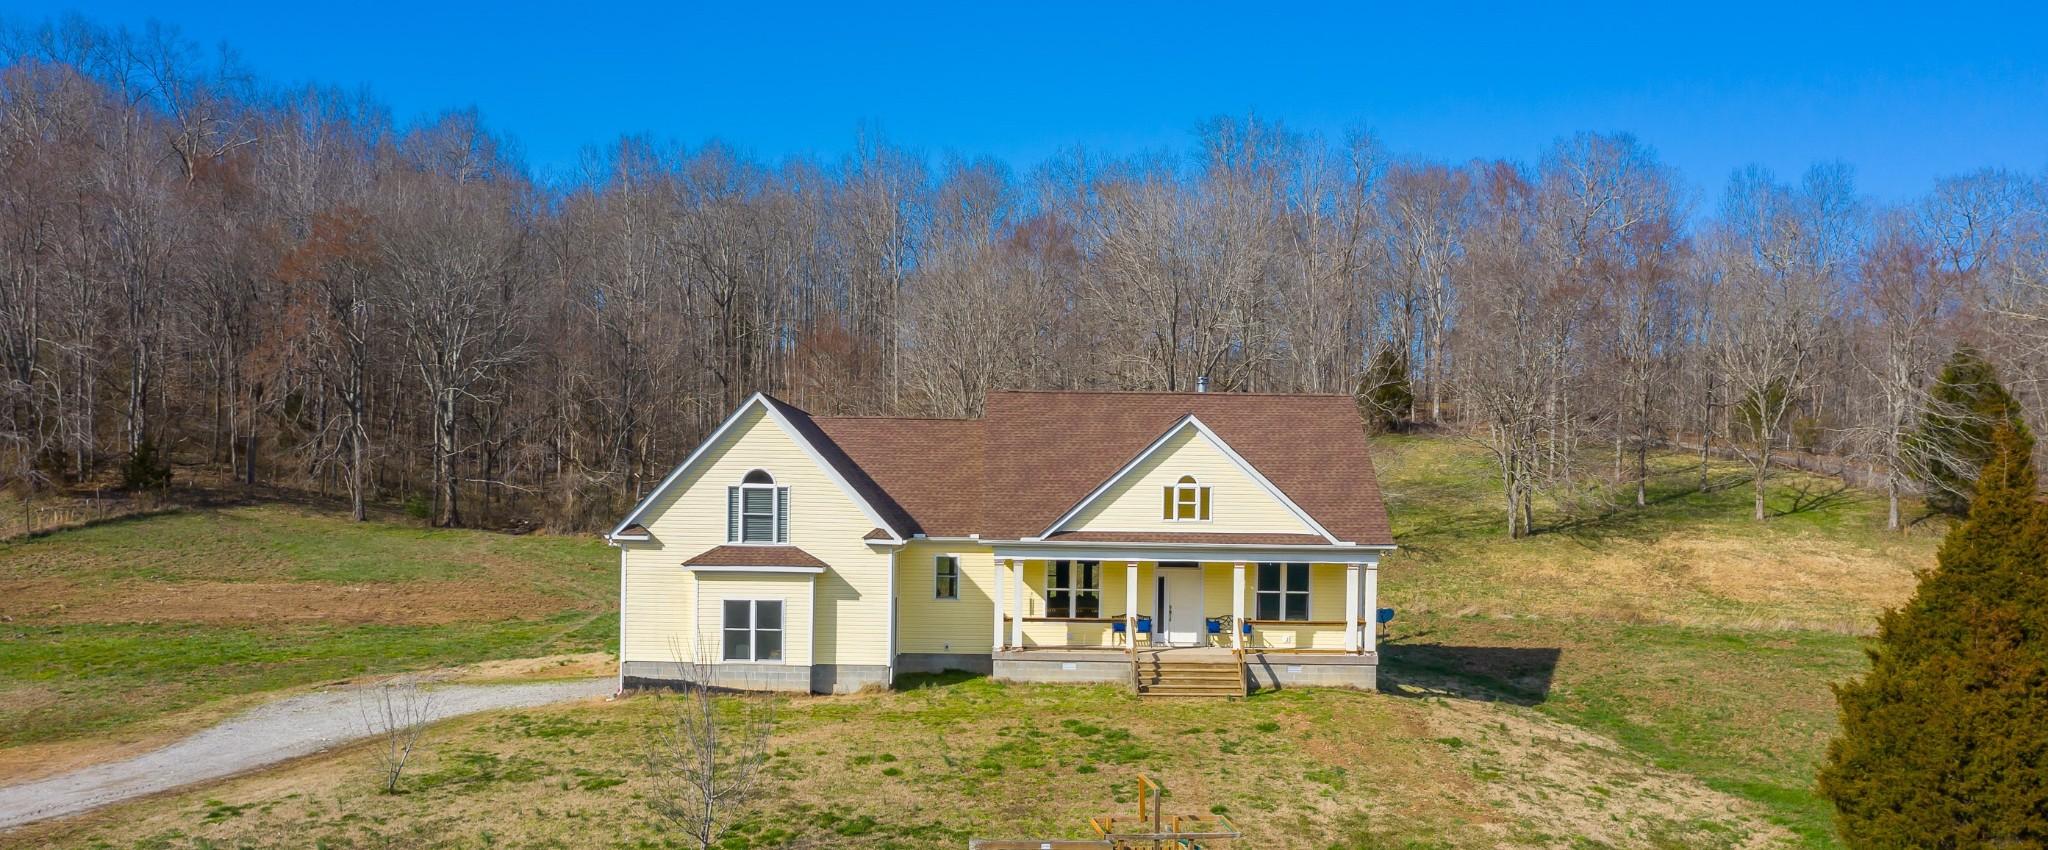 5814 Garrison Rd, Franklin, TN 37064 - Franklin, TN real estate listing